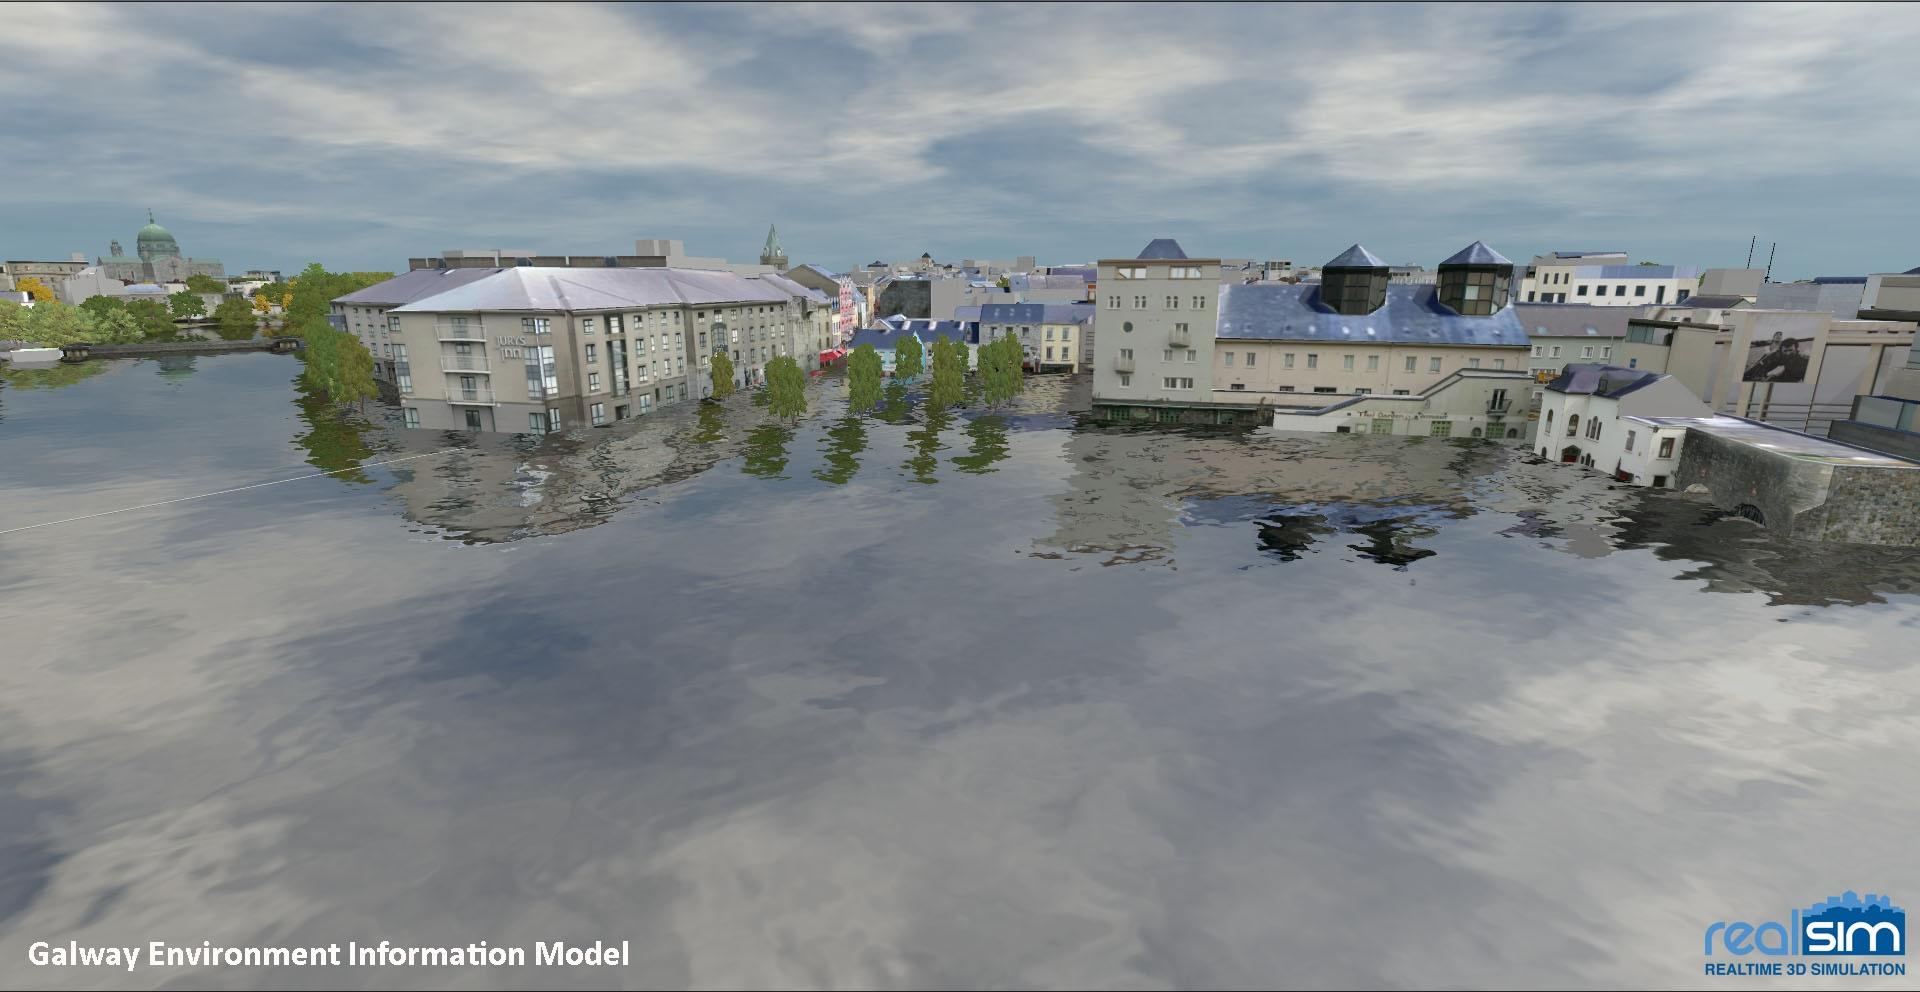 Galway underwater